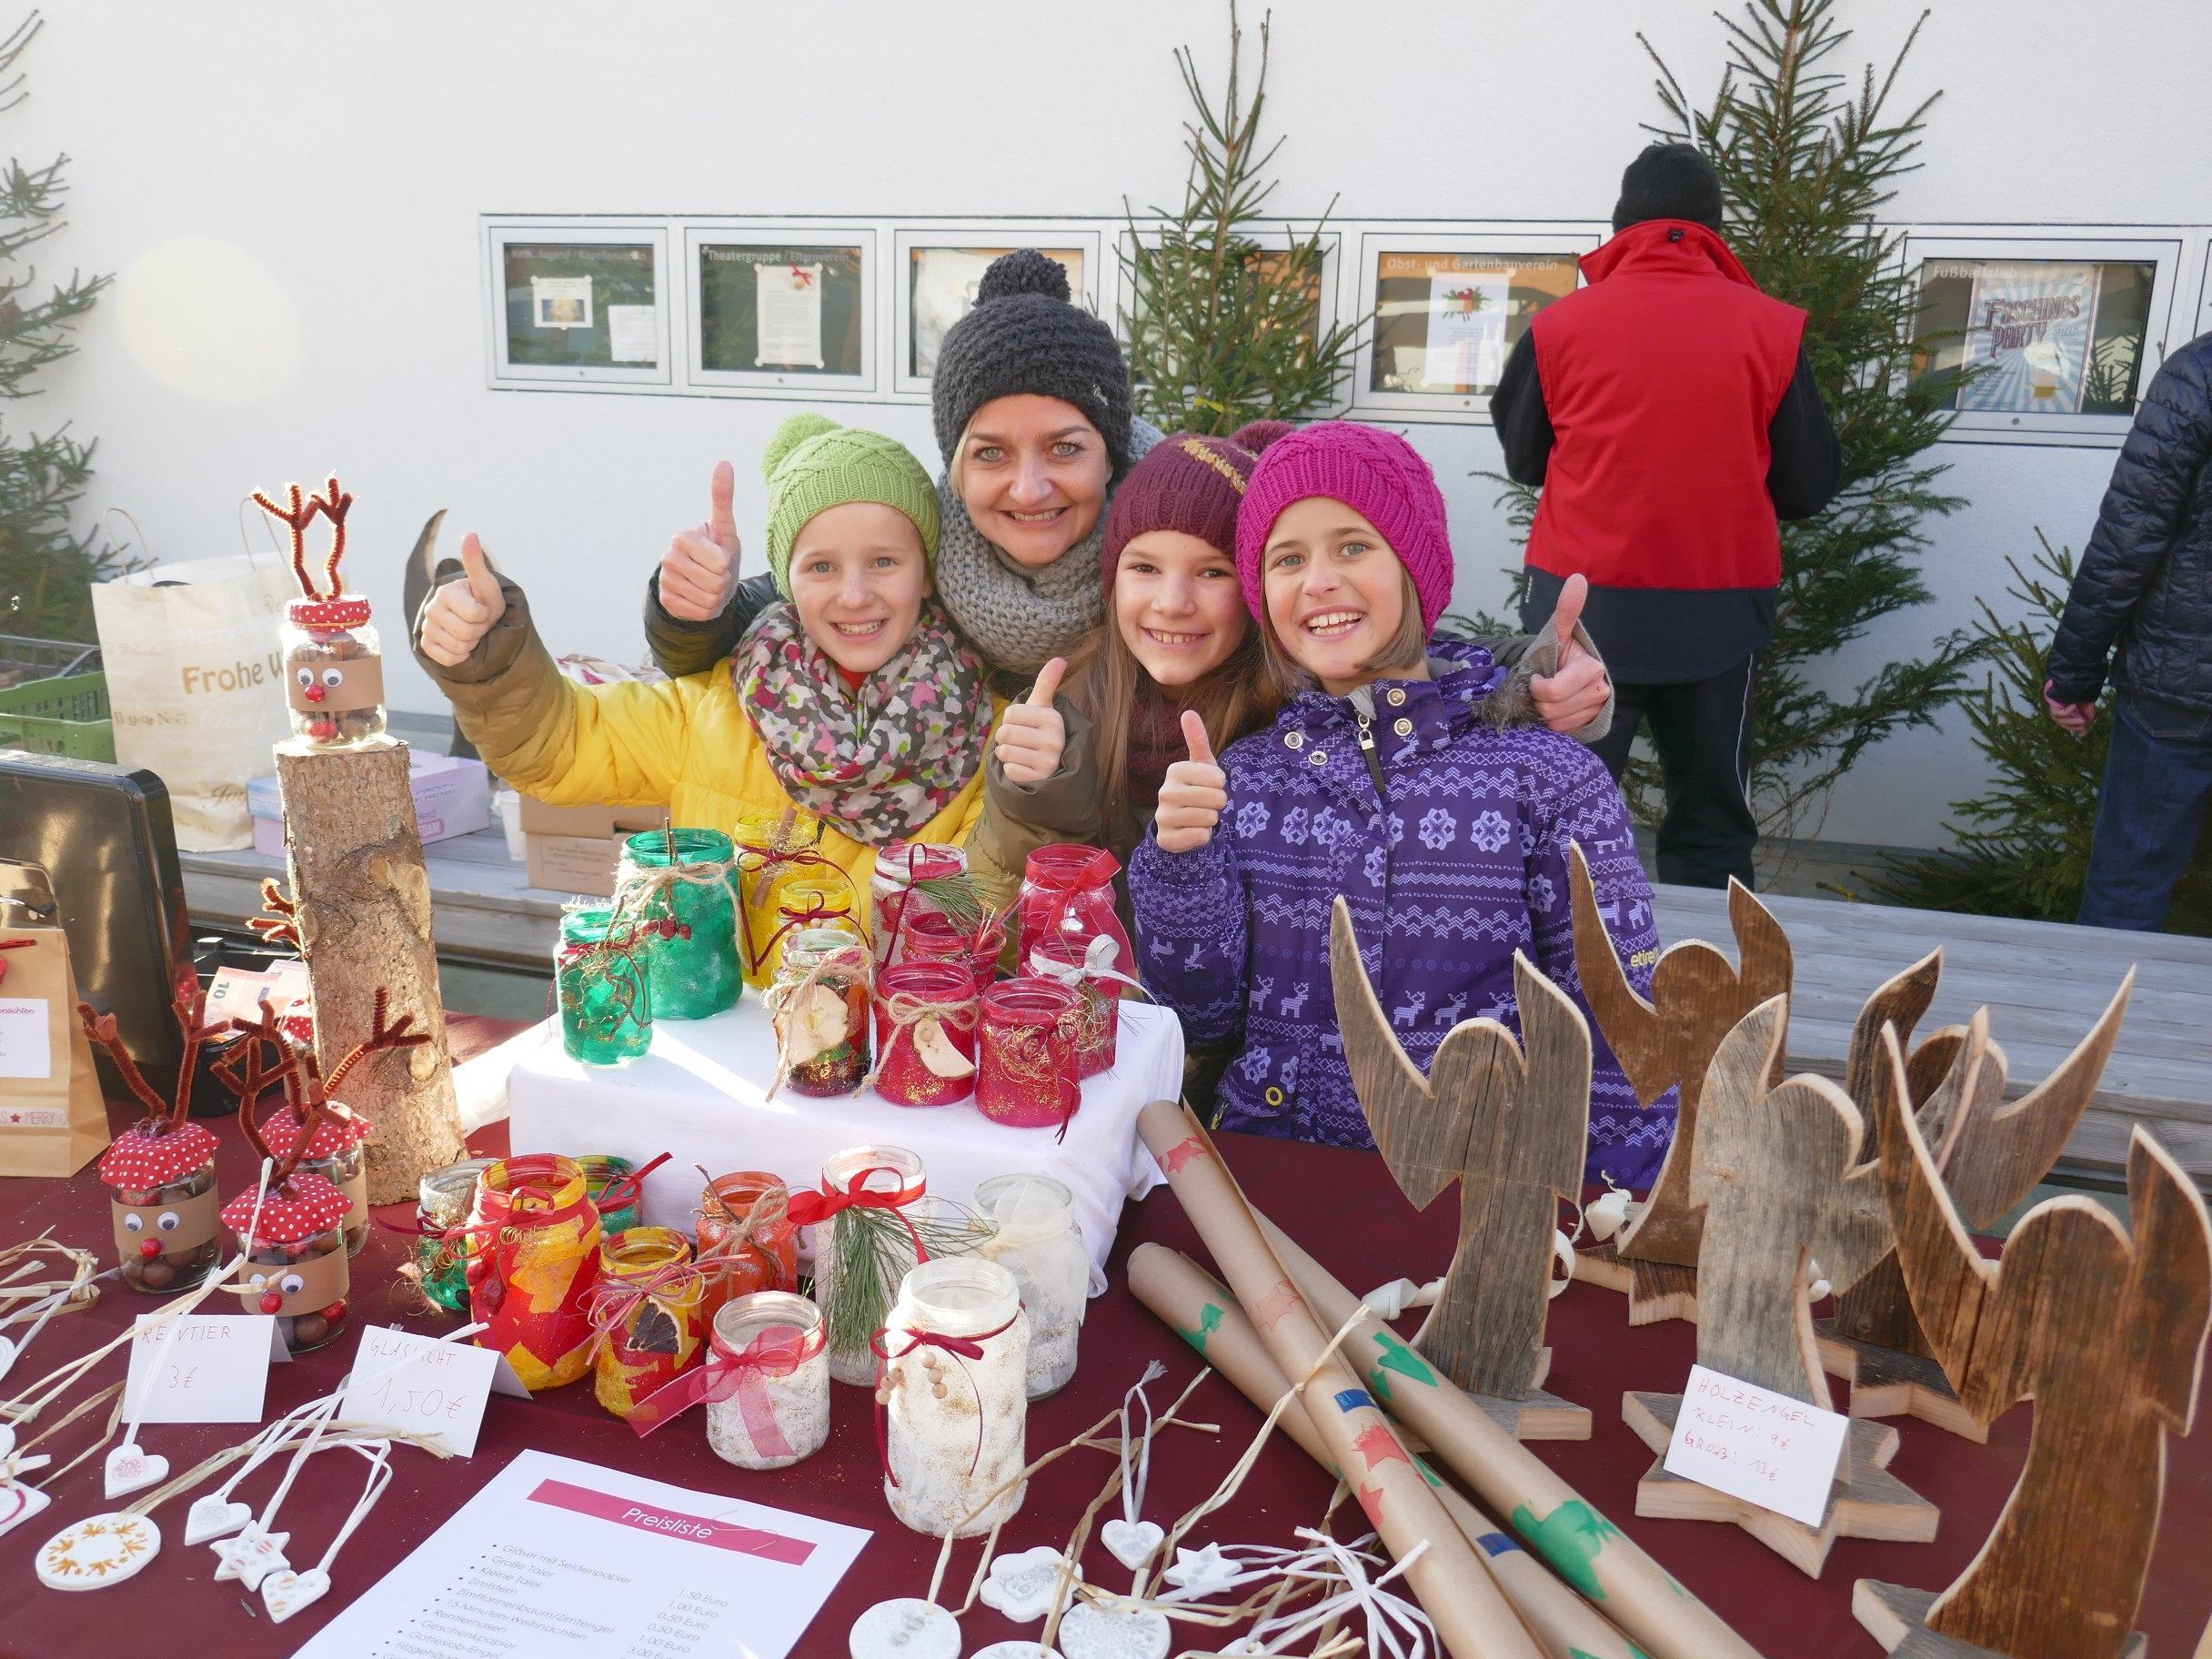 Volksschul-Abschluss-Klasse bewirtschaftete Christbaummarkt zur Finanzierung ihrer Vorarlberg-Schulwoche. Im Bild: Theresa, Silvia (Vertreterin der Eltern), Corinna, Nina.